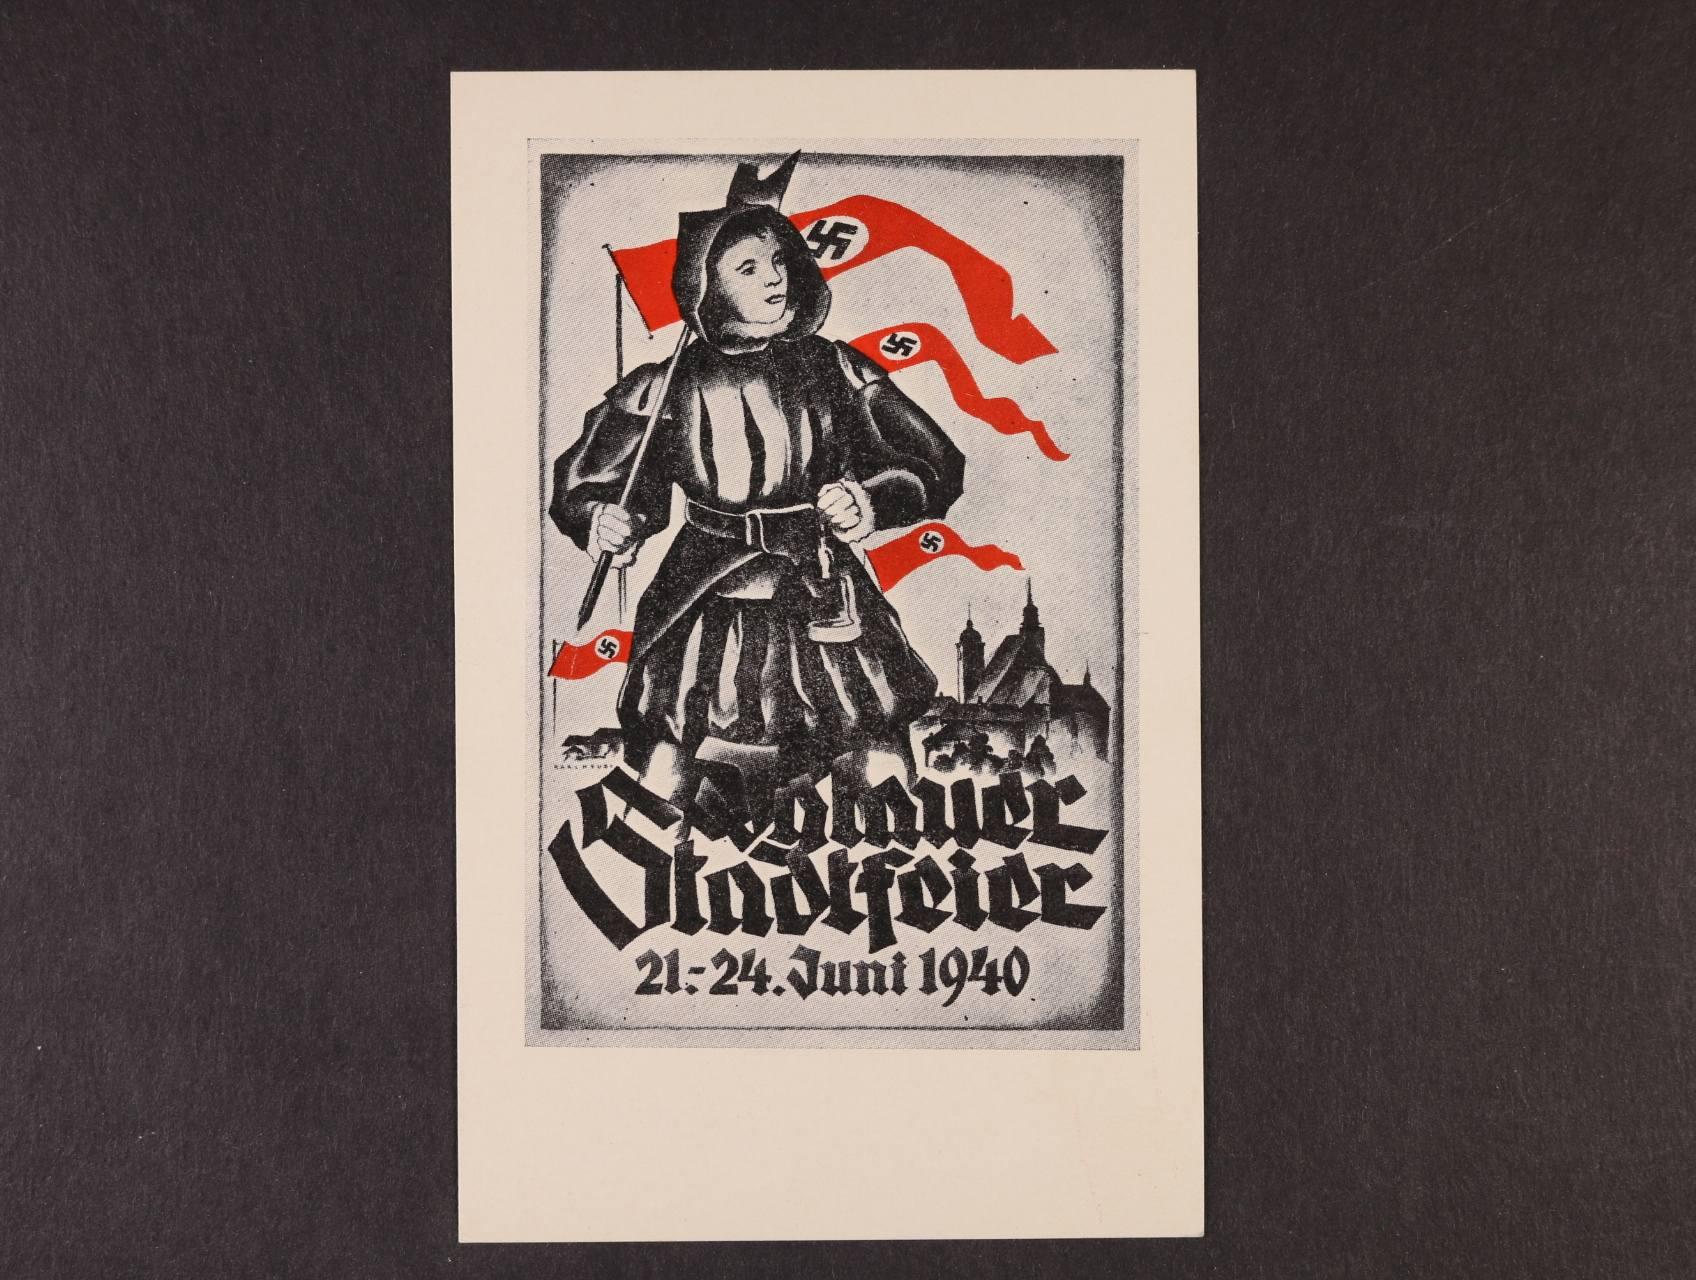 bar. pohlednice Iglauer Stadtfeier 21. - 24. Juni 1940, nepoužitá, na zadní str. pam. raz., lux. kvalita